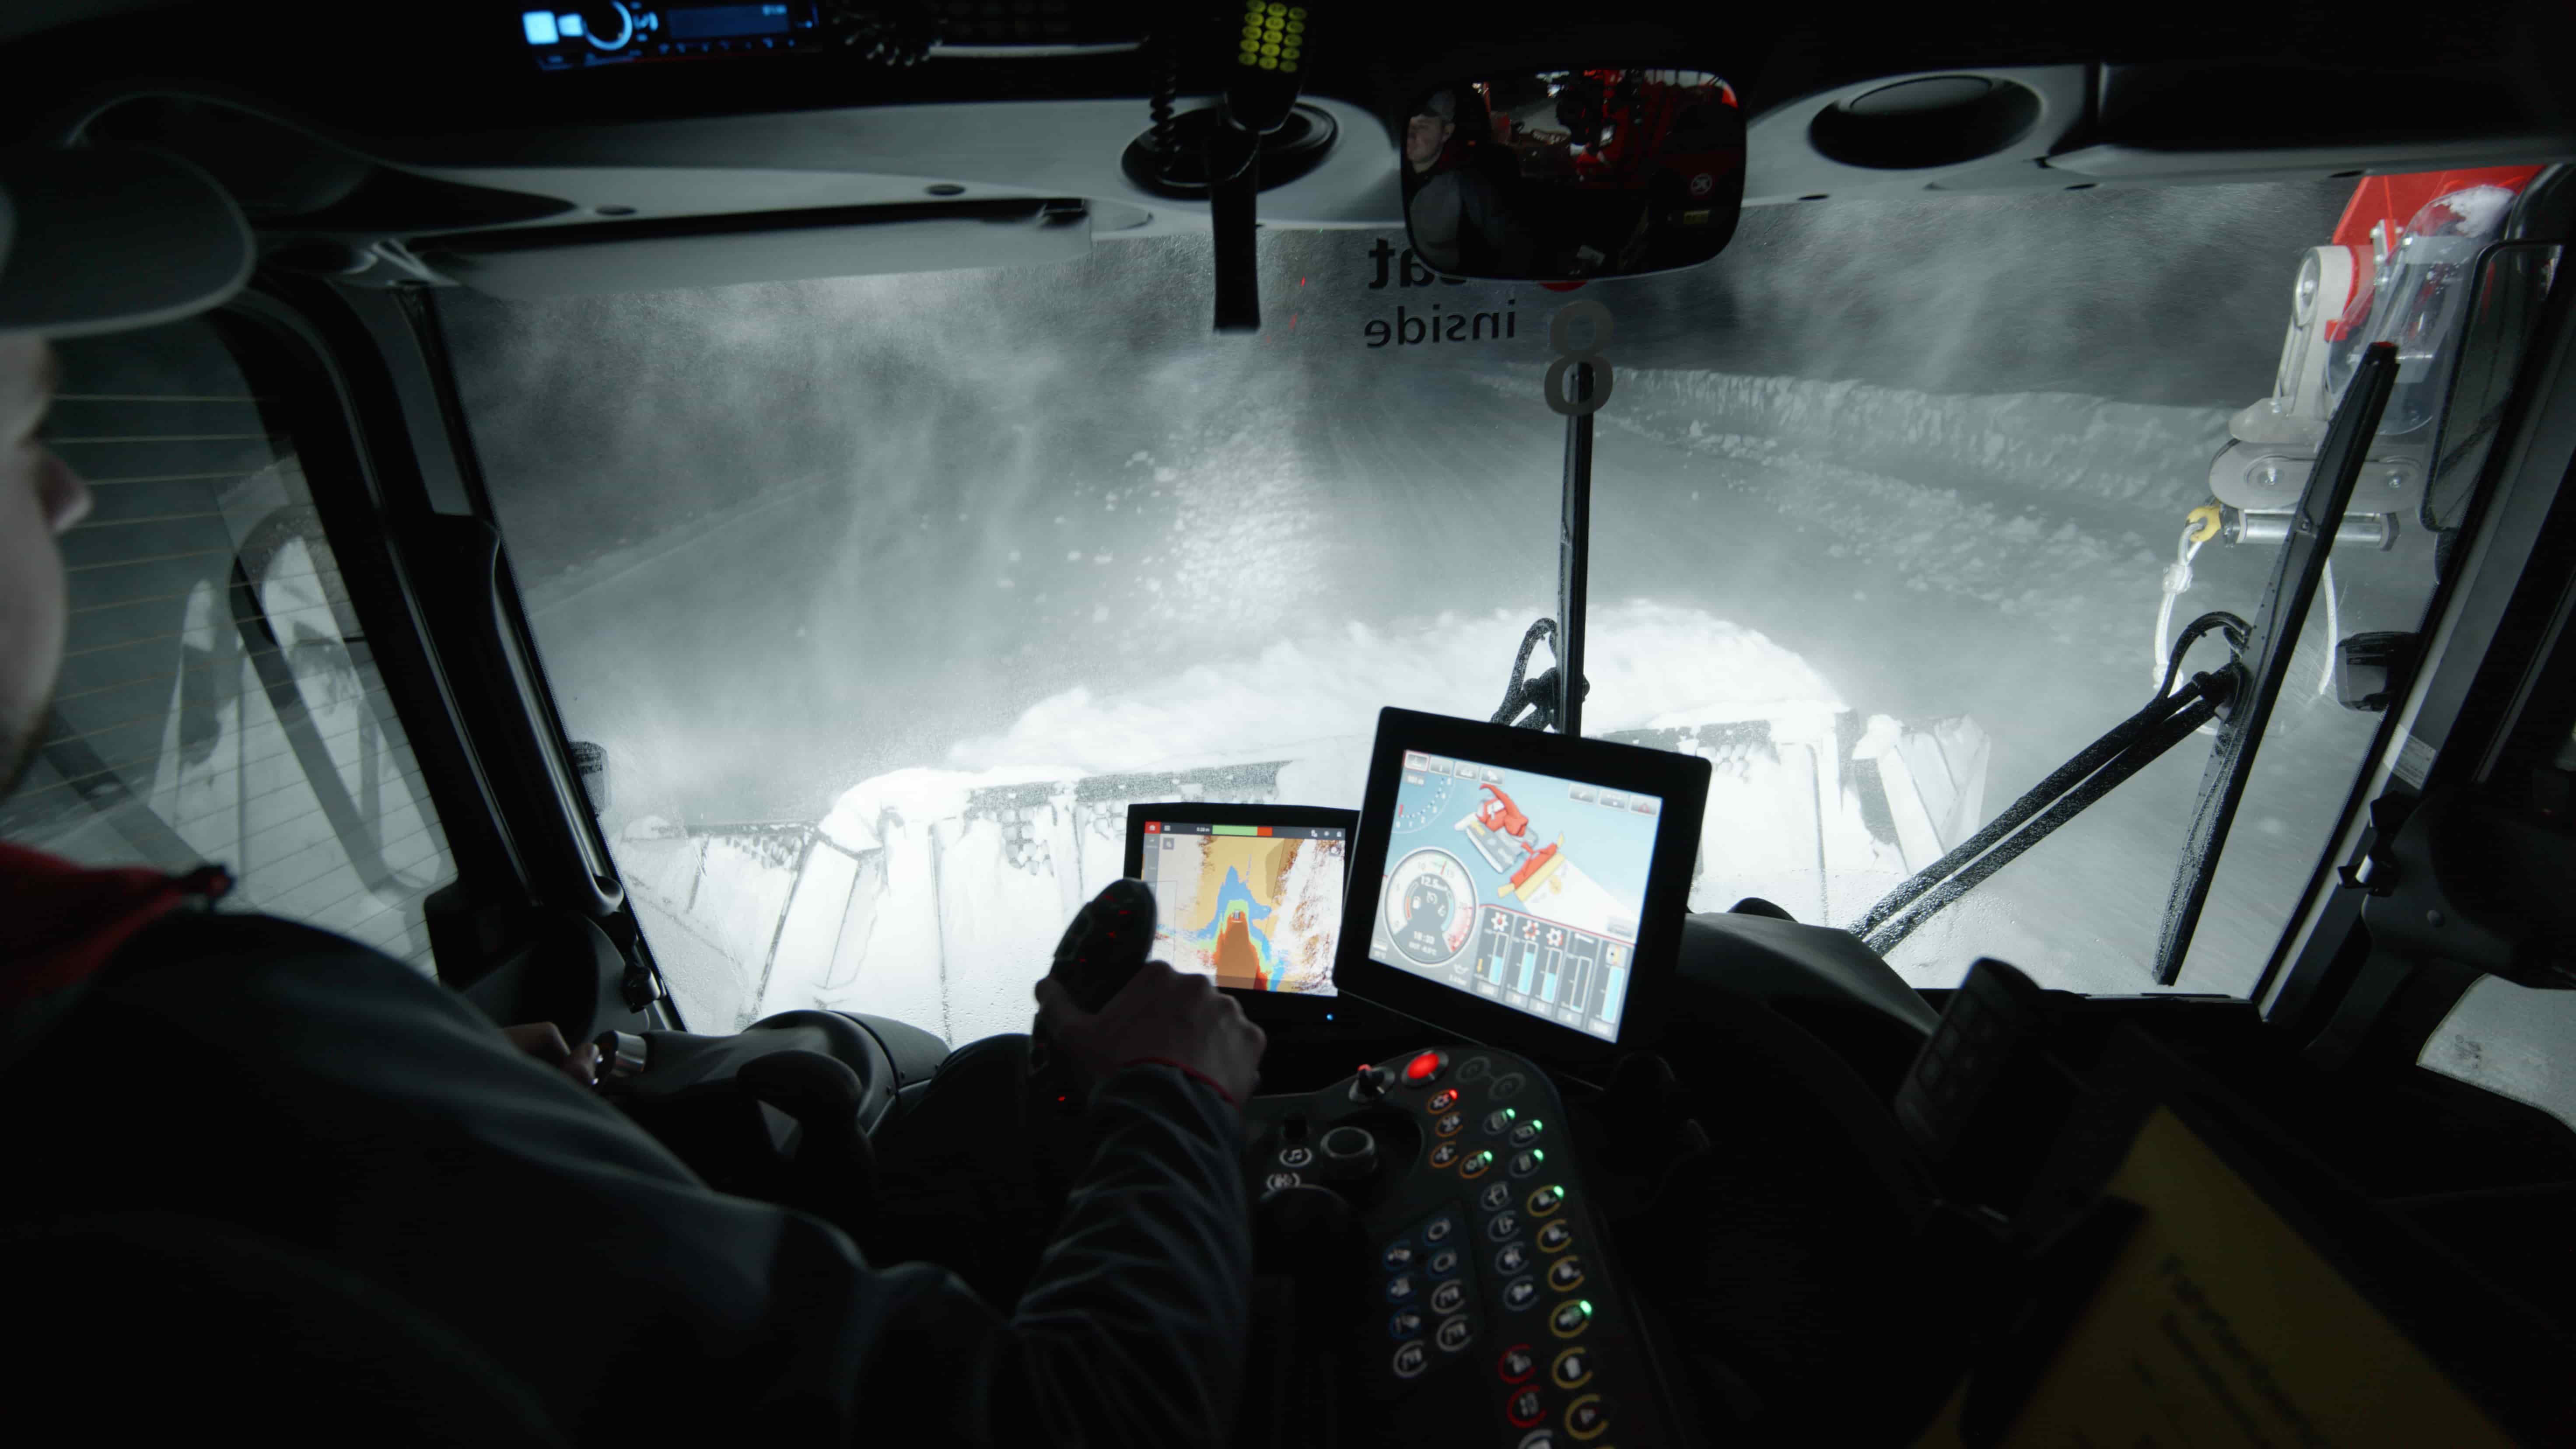 SNOWsat Schneetiefenmessung Fahrzeugdisplay mit LiDAR